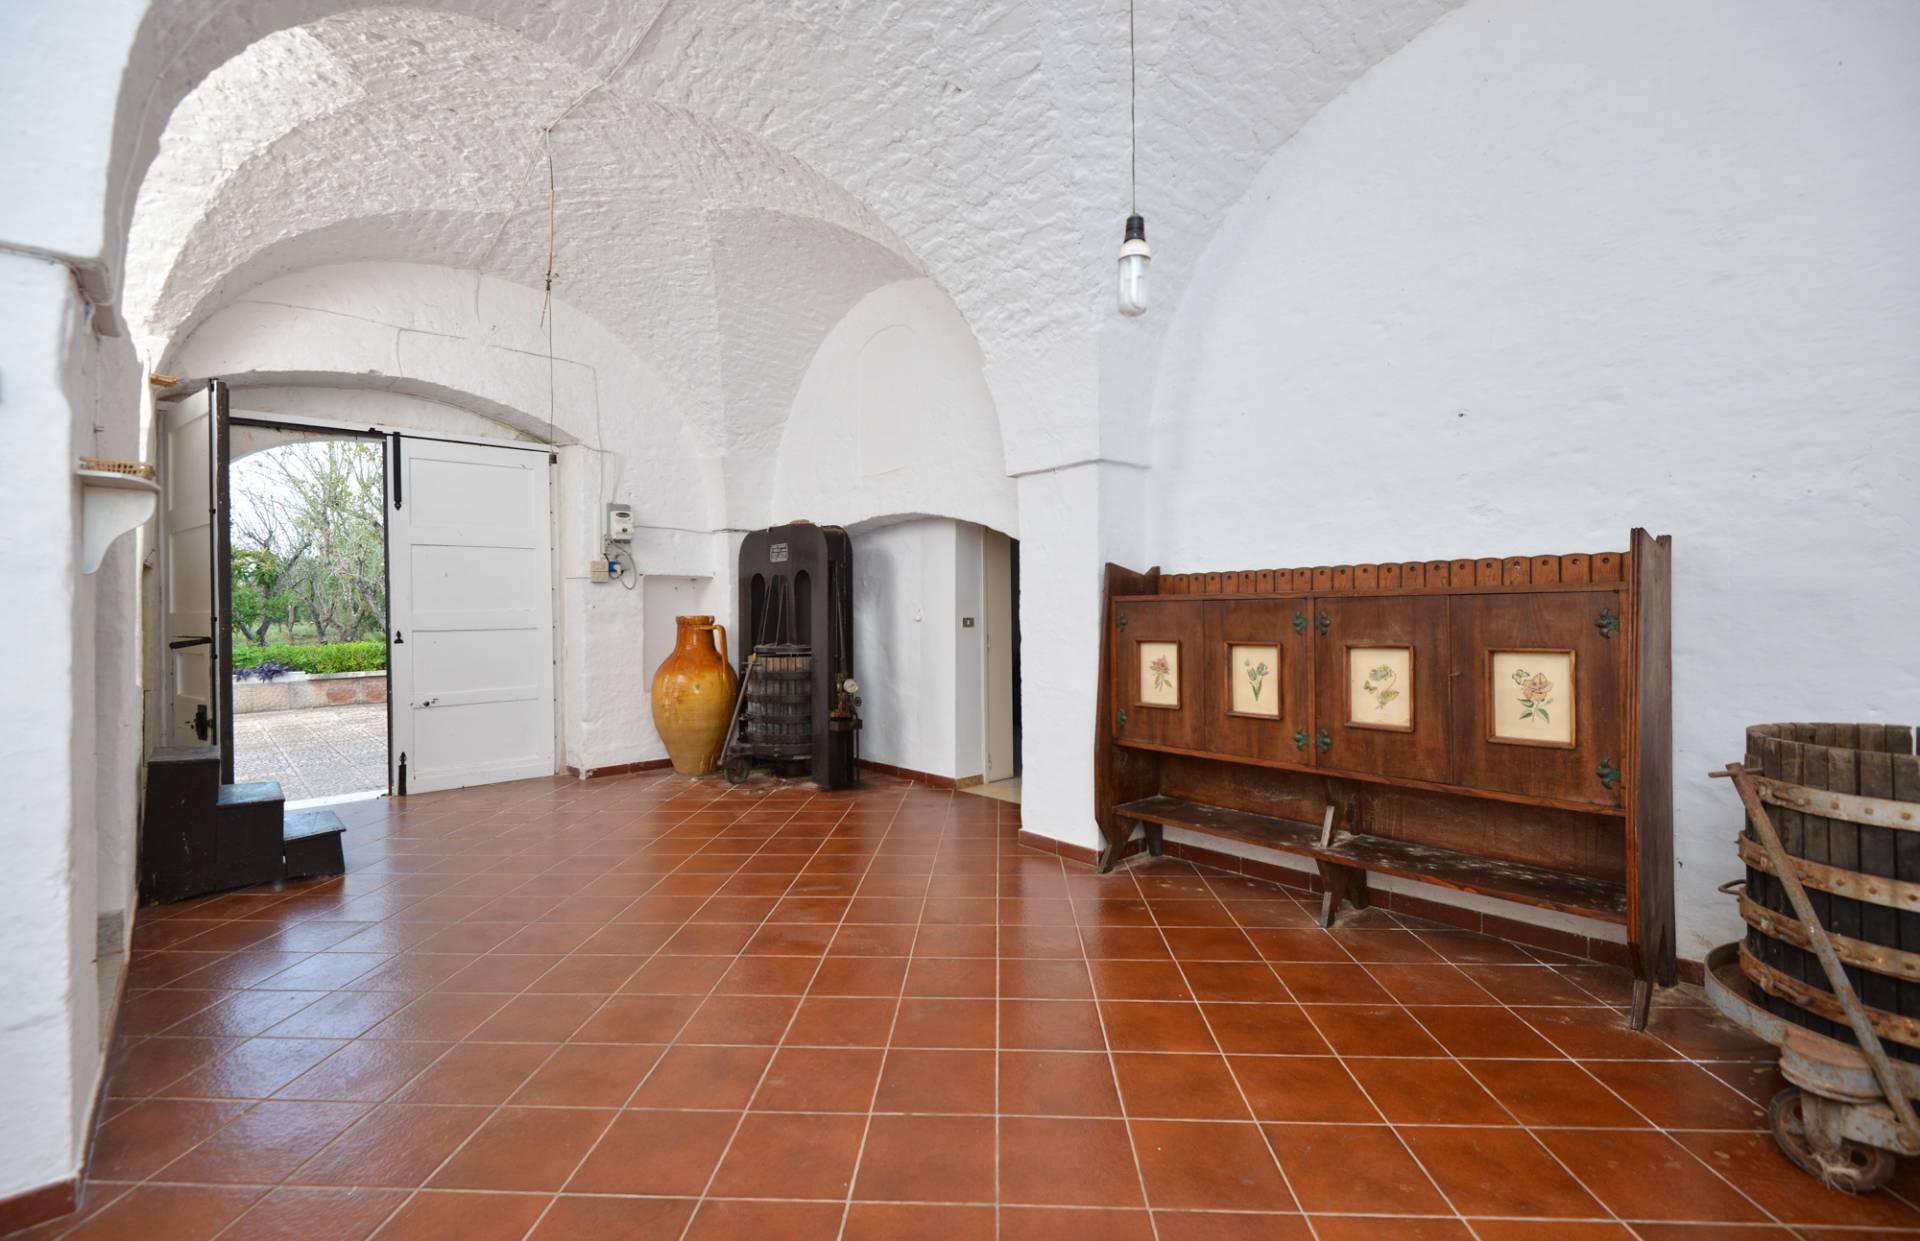 Rustico / Casale in vendita a Ostuni, 5 locali, prezzo € 180.000 | CambioCasa.it